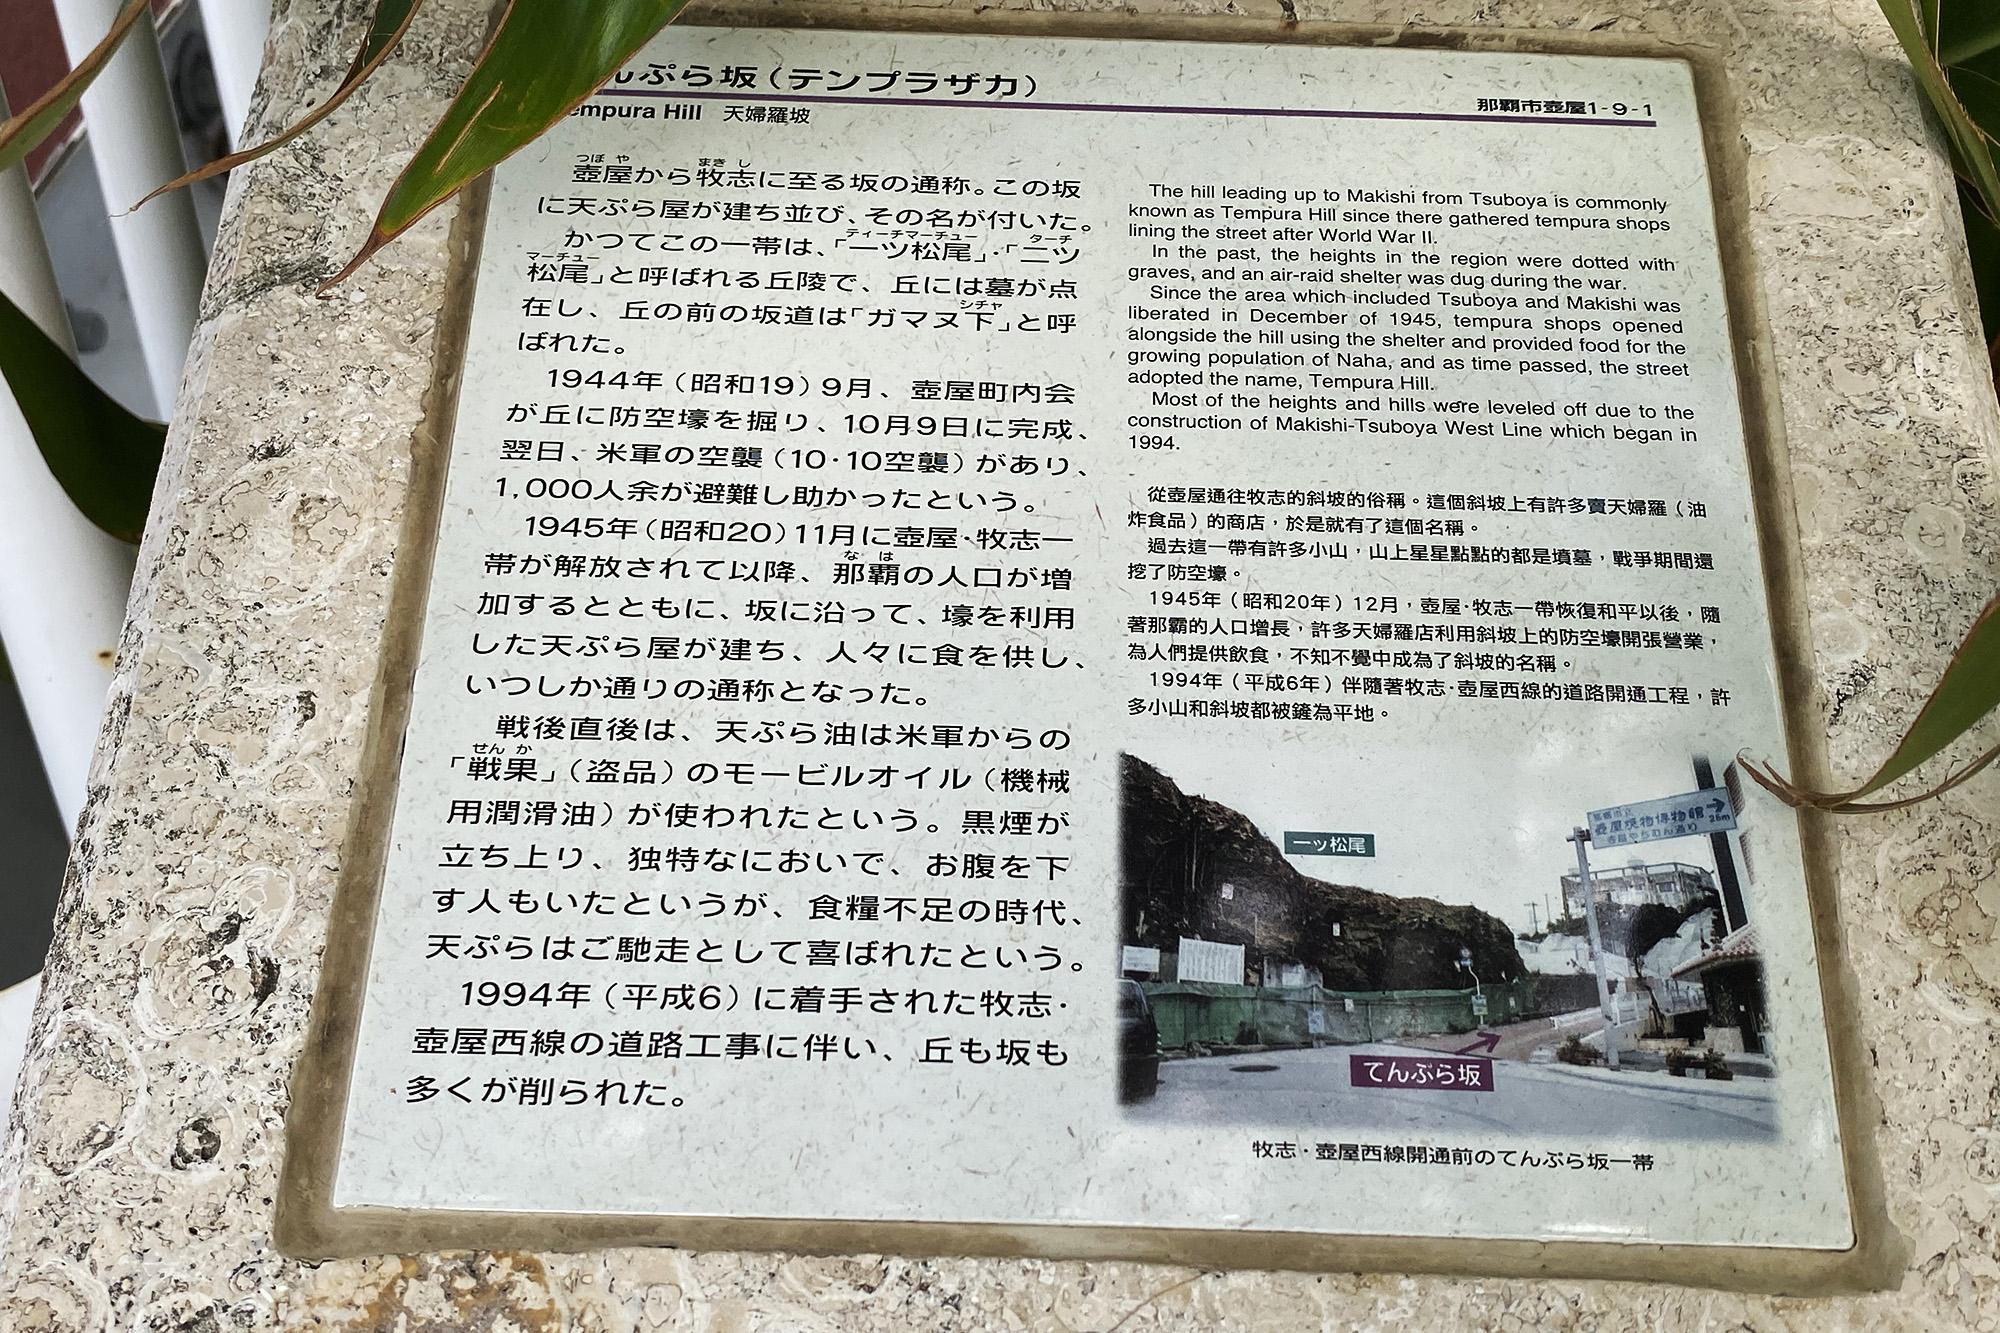 かつては天ぷら屋が立ち並び、沖縄戦直前に掘られた防空壕が残る「てんぷら坂」をまちまーい。|発見!まちまーい